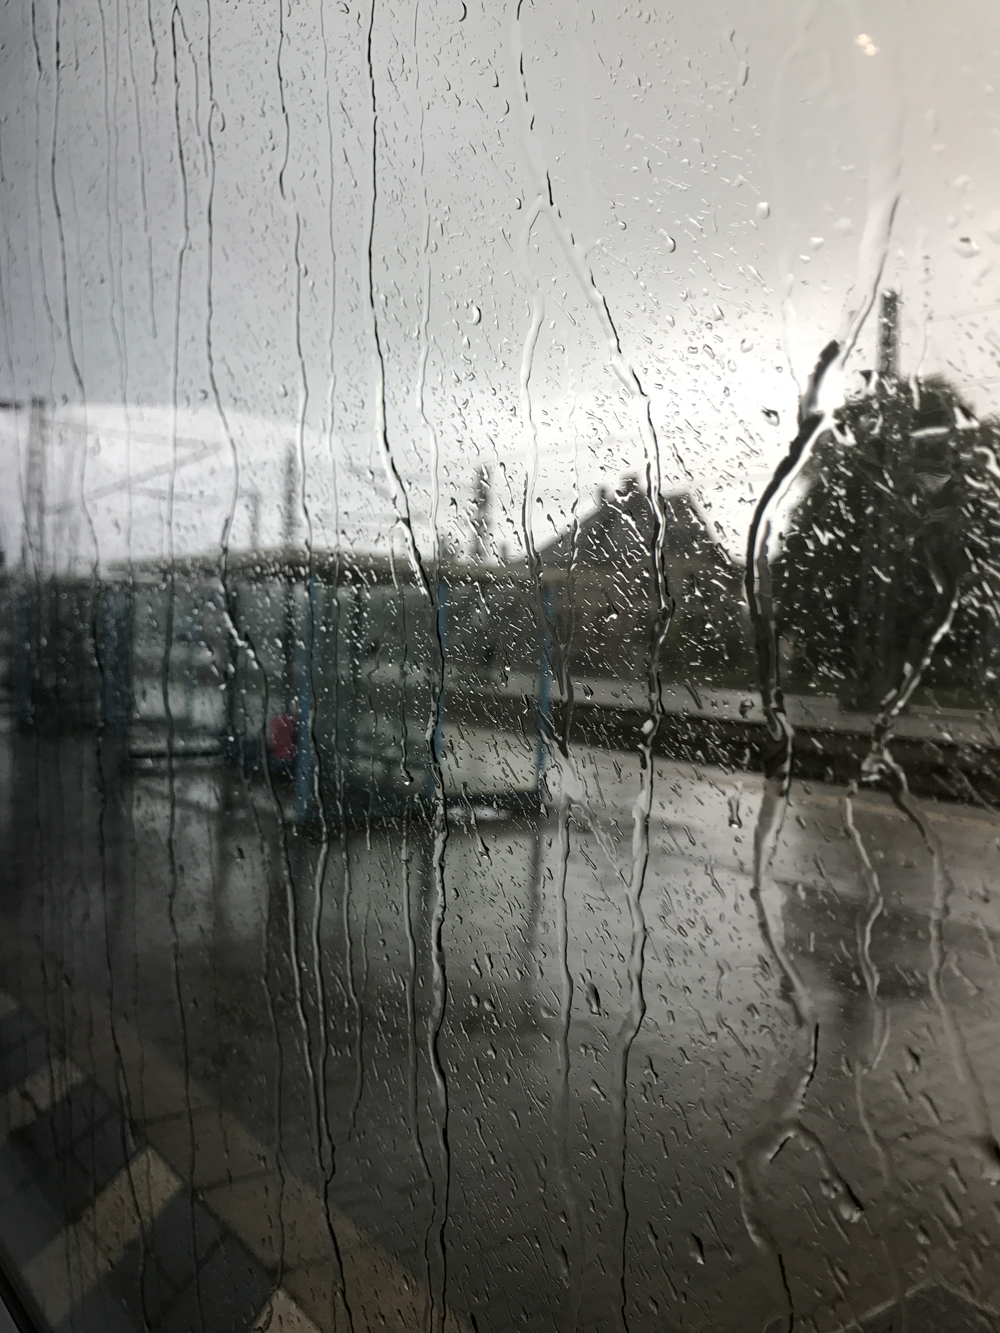 Auf dem Weg von Berlin nach Hamburg - gestrandet in Ludwigslust © Sonja Hartl